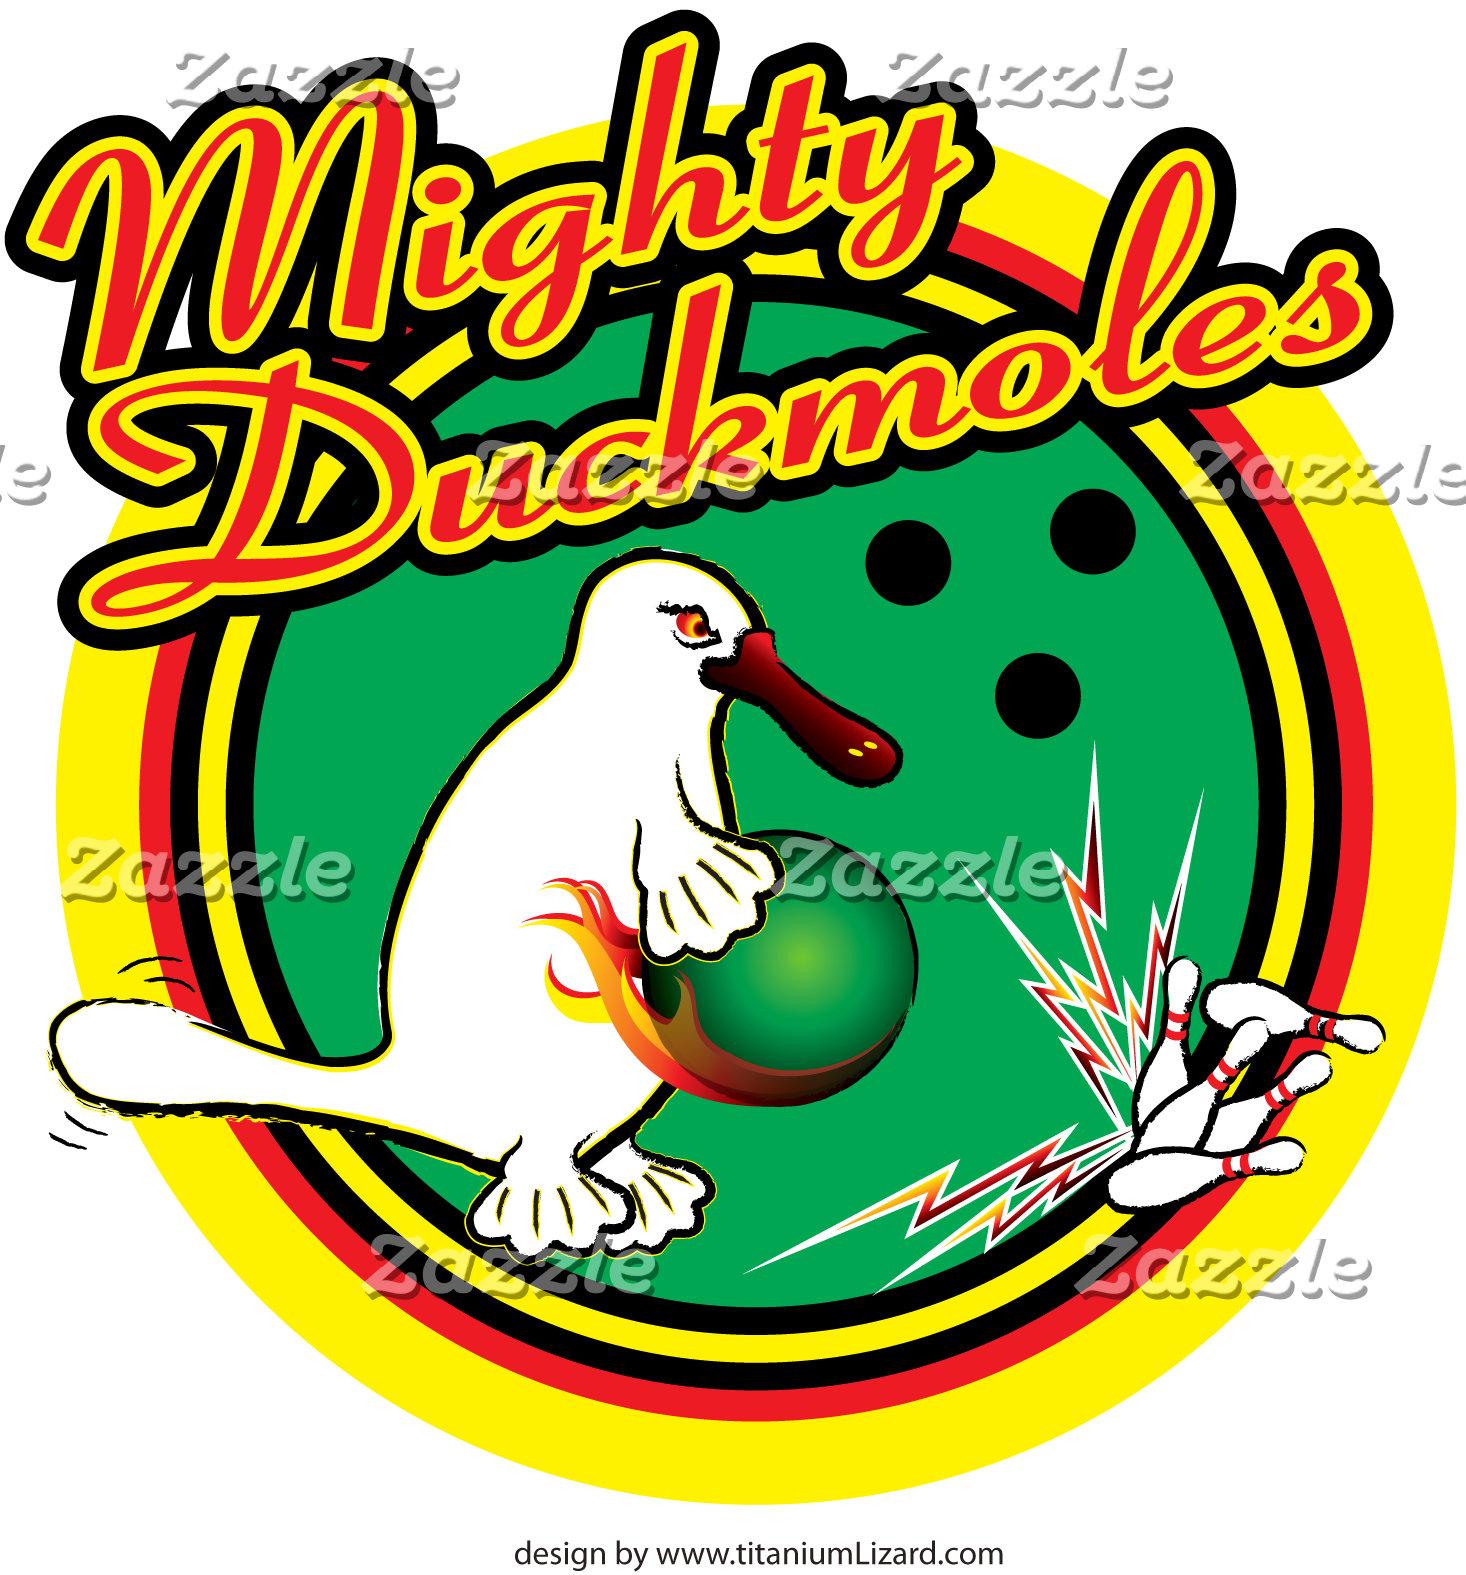 Mighty Duckmoles